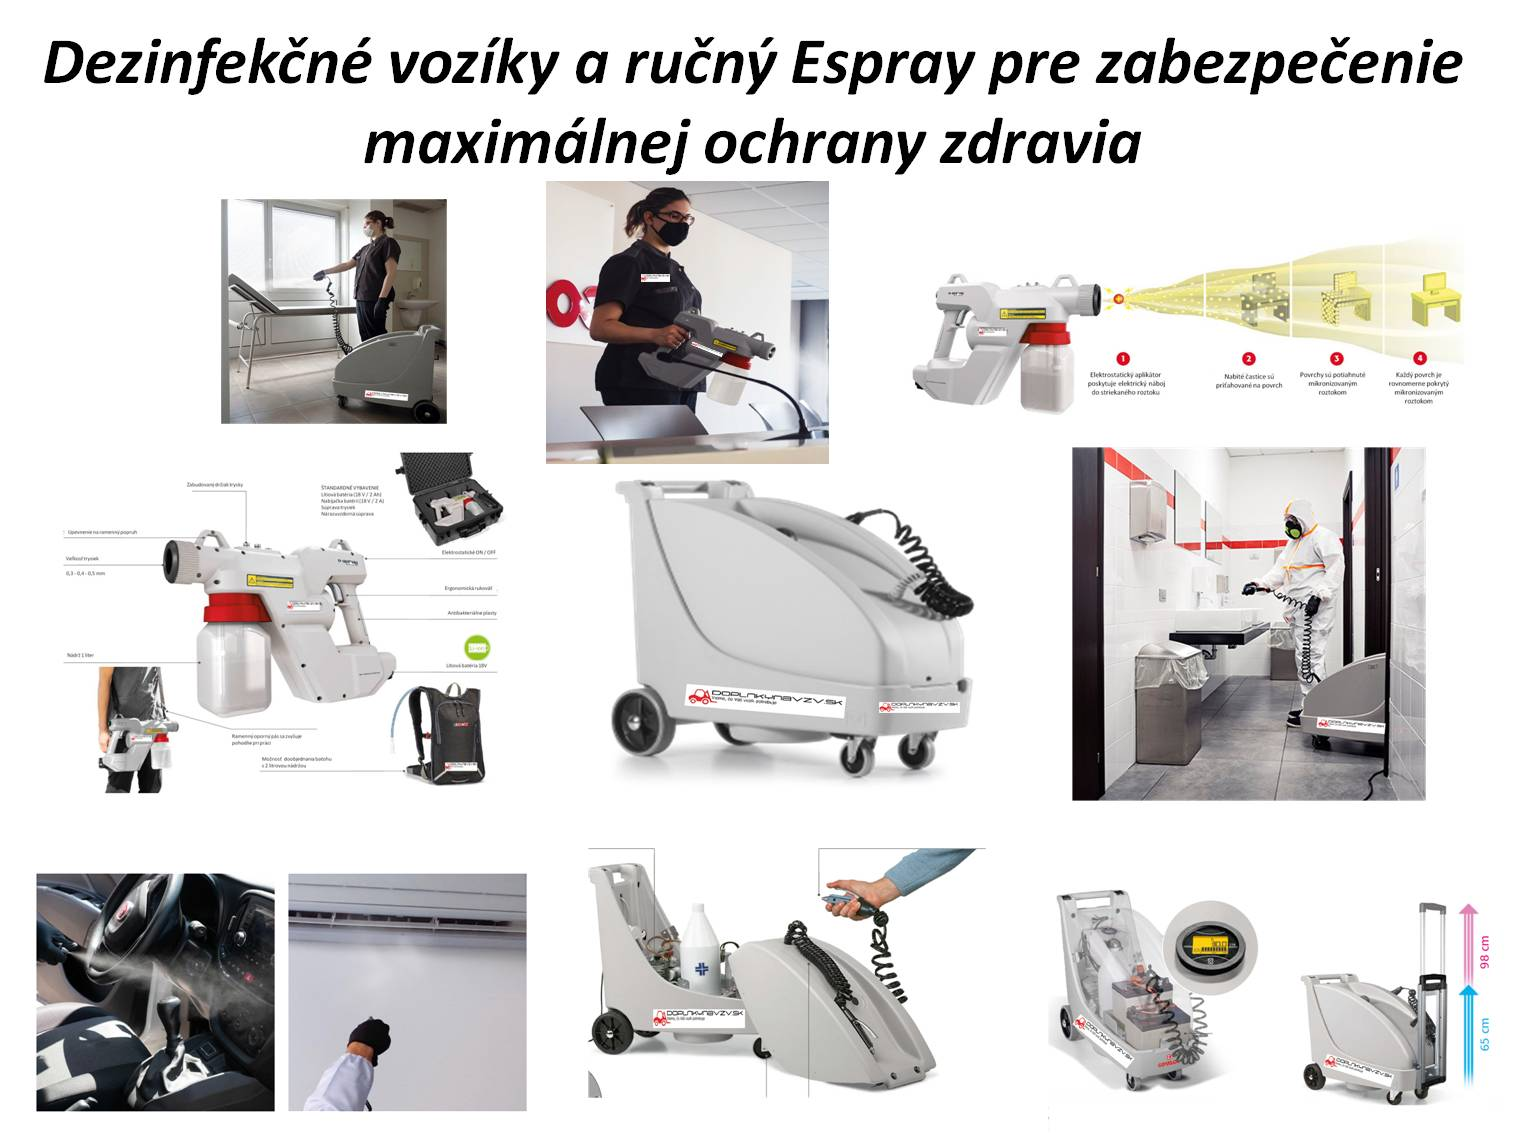 Dezinfekčné vozíky a pištol E-SPRAY